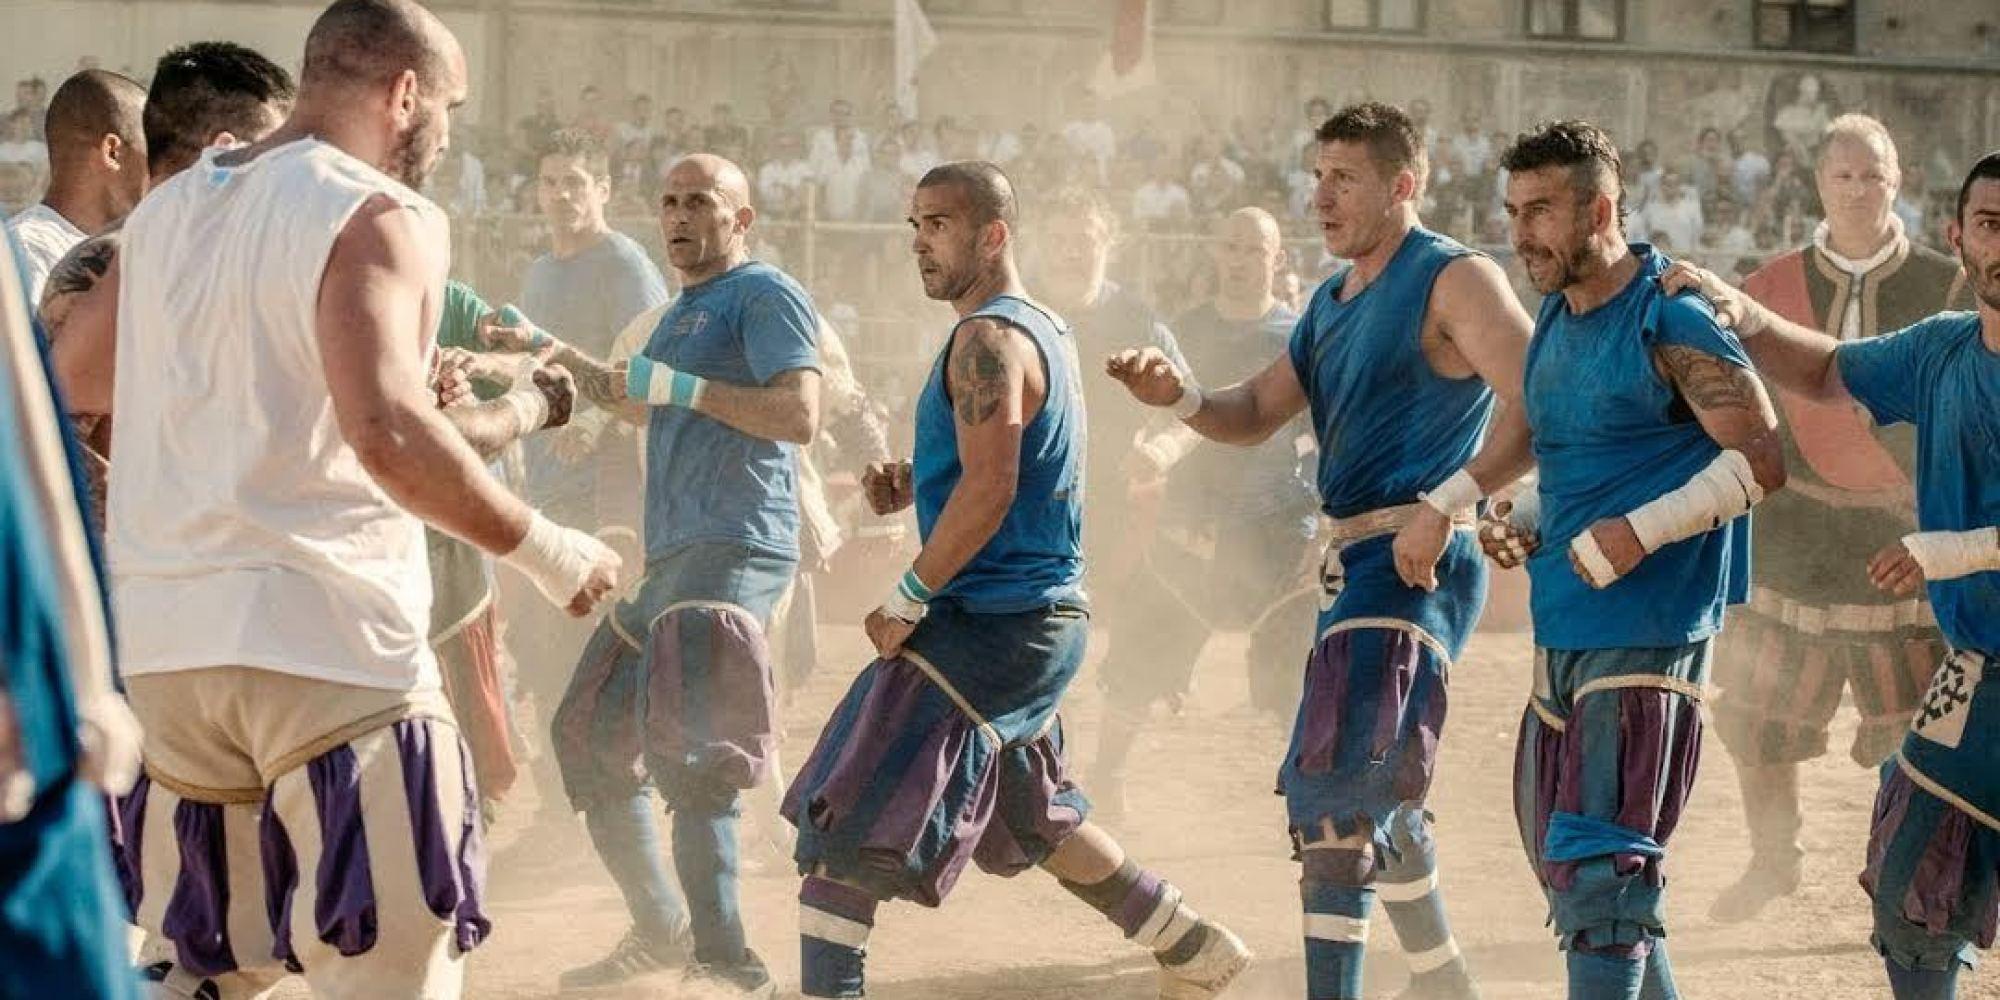 Calcio Fiorentino Vimeo Calcio Storico Fiorentino